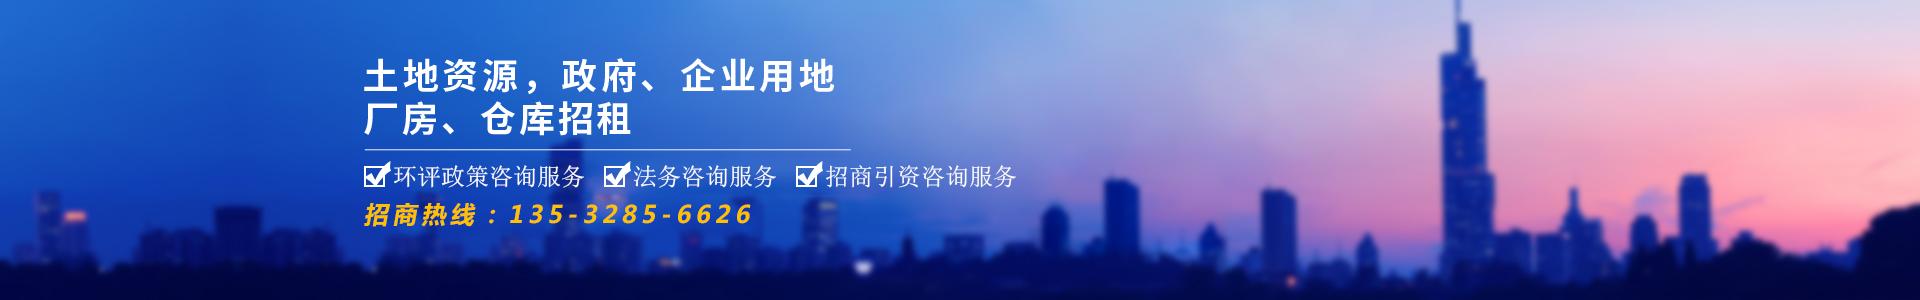 http://www.dggsdc.com/data/upload/202004/20200407111713_882.jpg